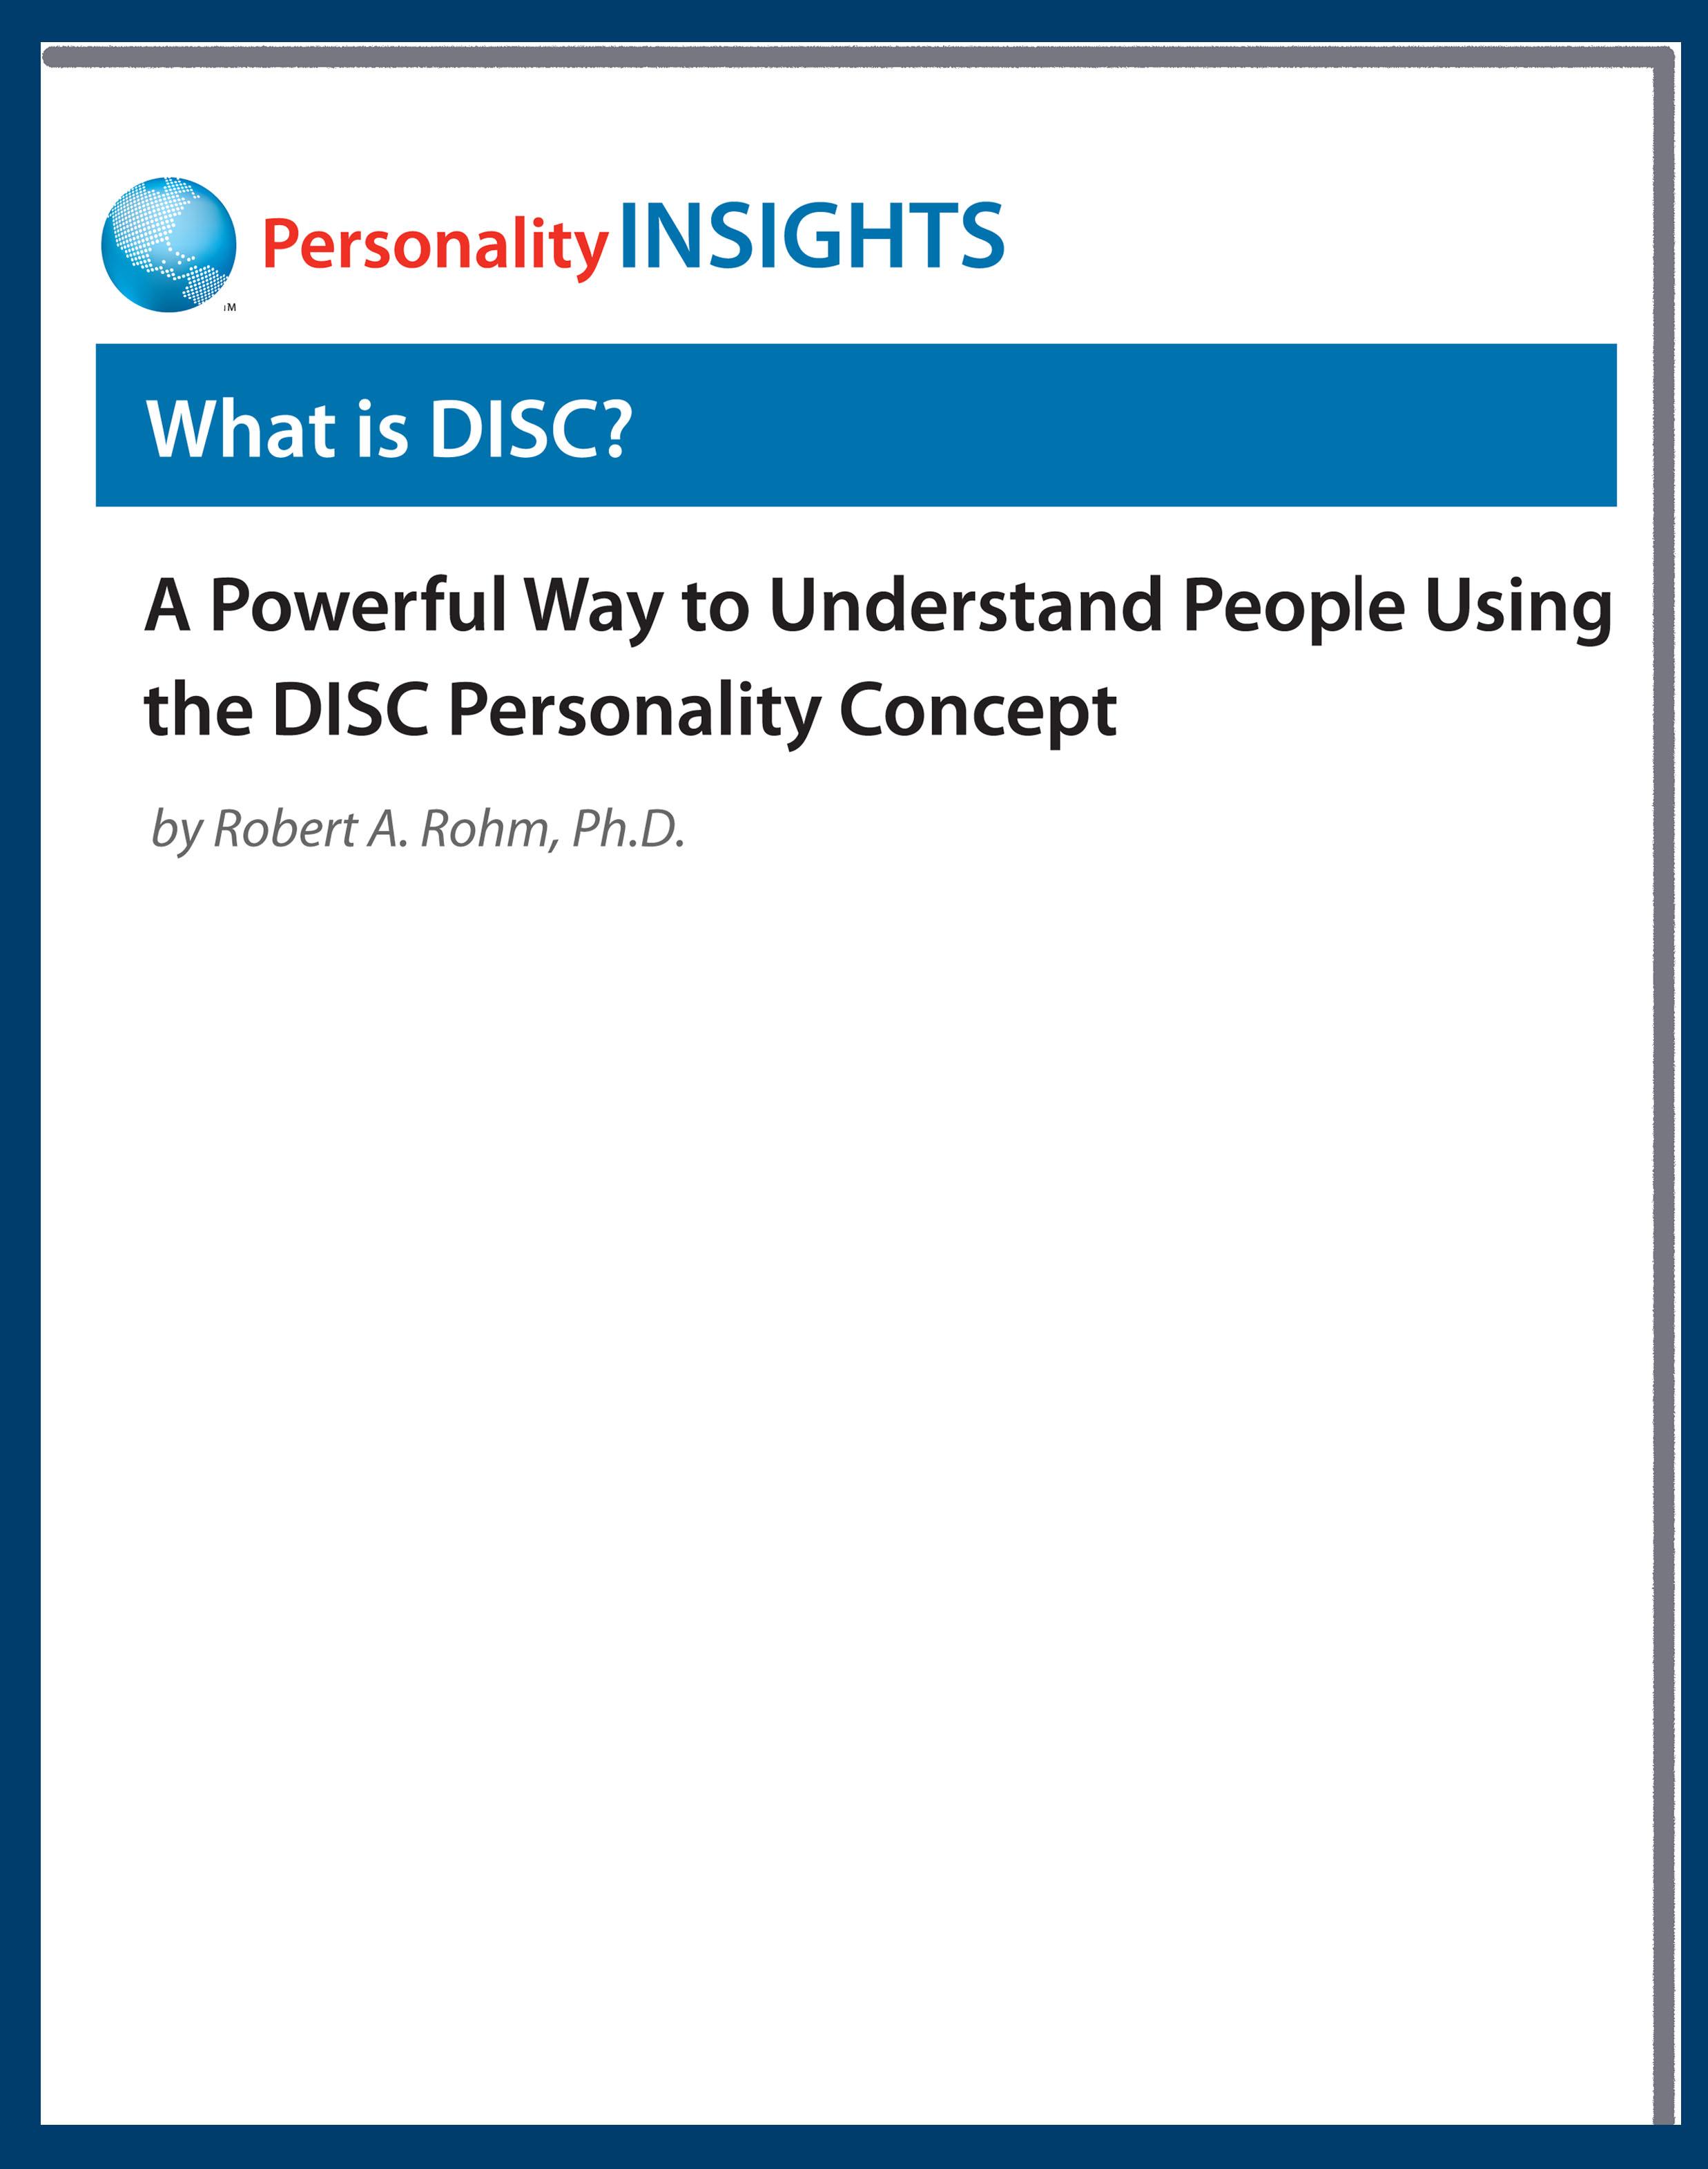 DISC_Cover_En